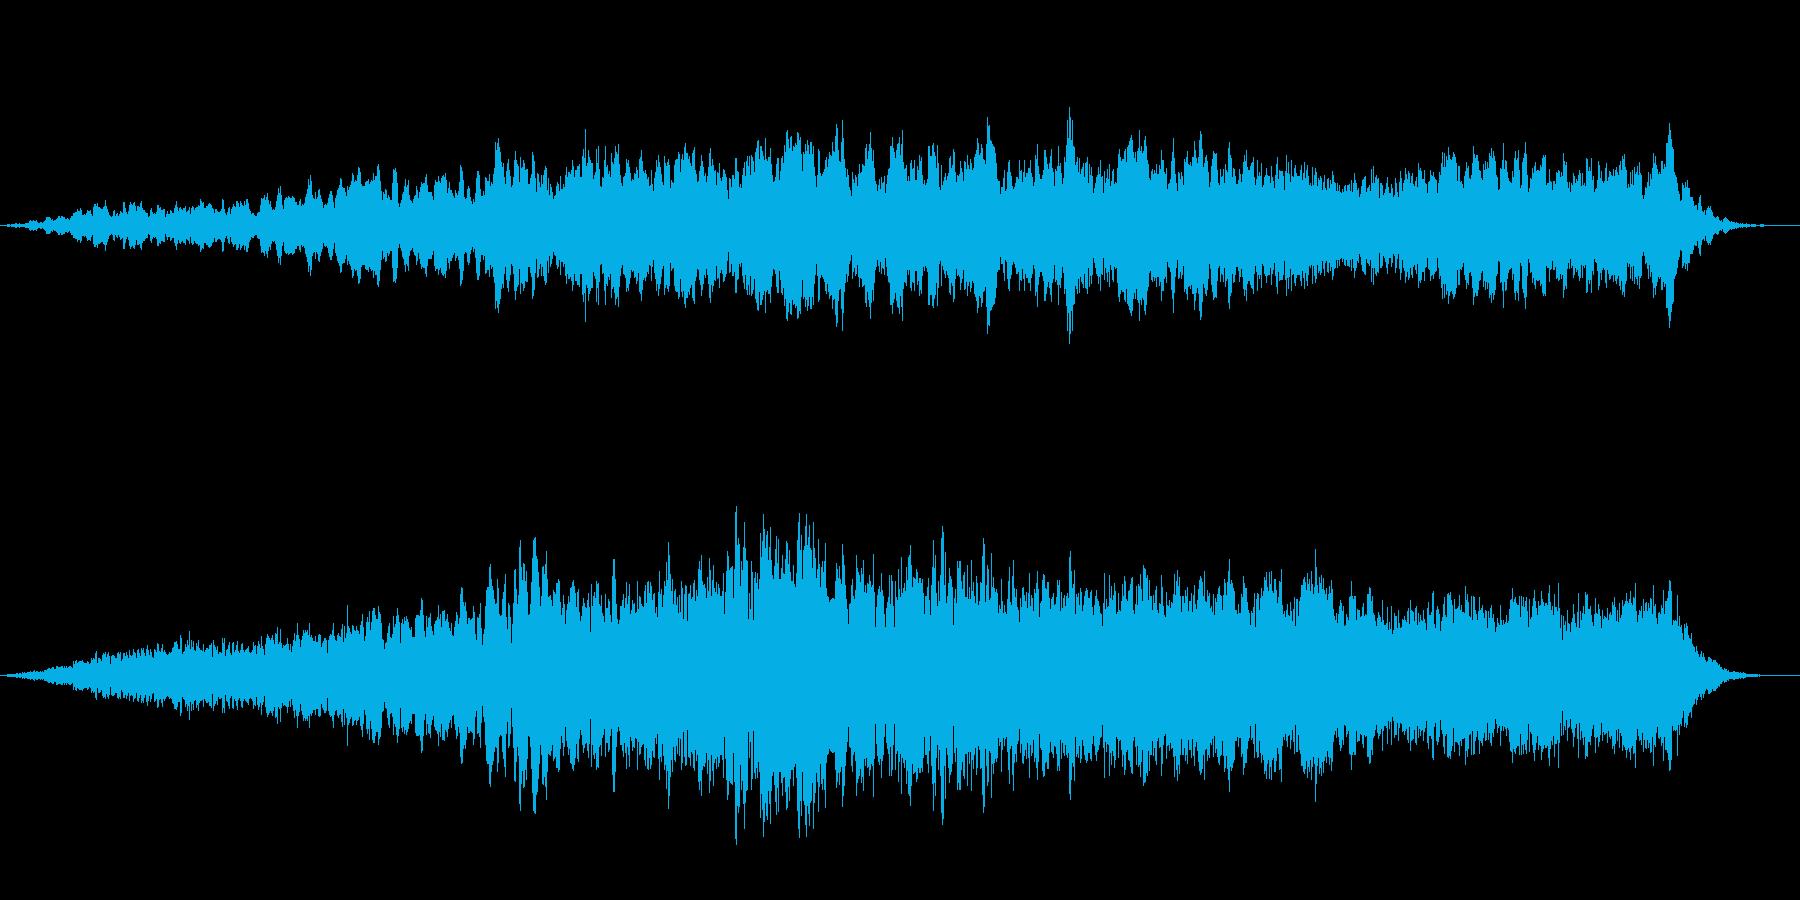 地底からのうめき声の怪しい神秘的な音風景の再生済みの波形